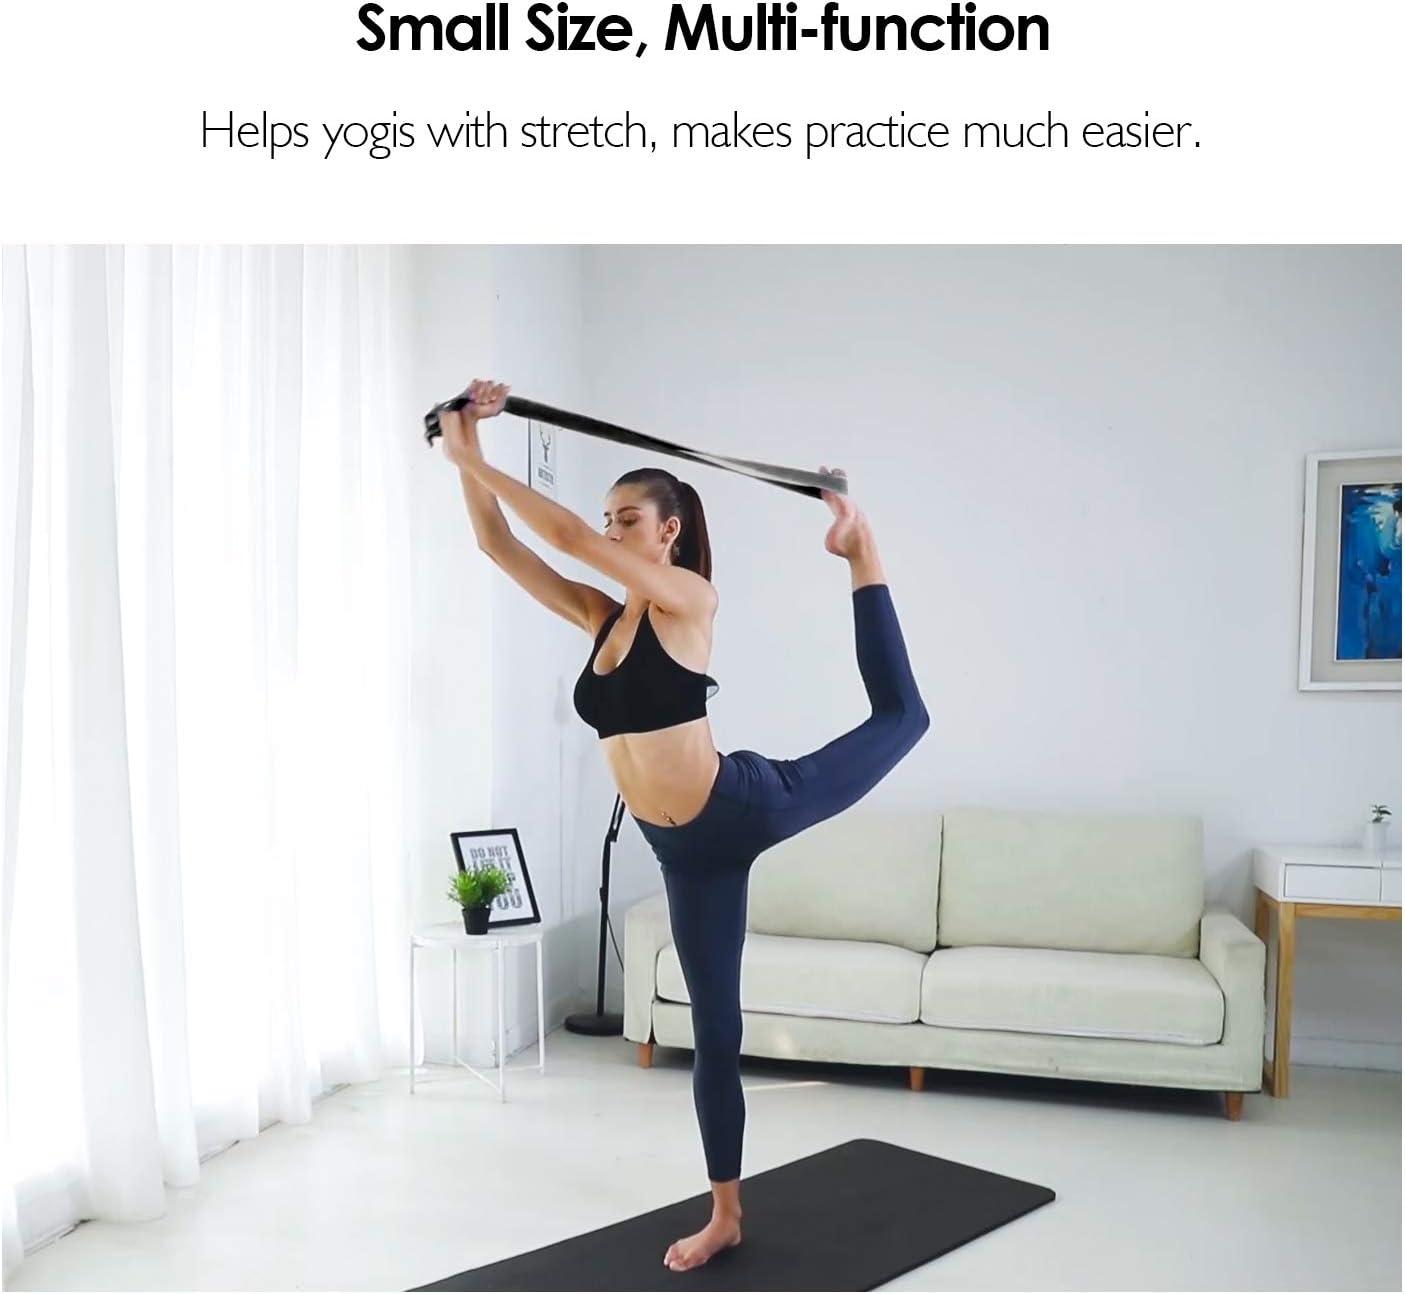 Reehut Fitness Exercice - Correa para yoga (1,8 metros, 2,4 metros, 3 metros) con hebilla de anilla en D ajustable para estiramiento, flexibilidad y ...